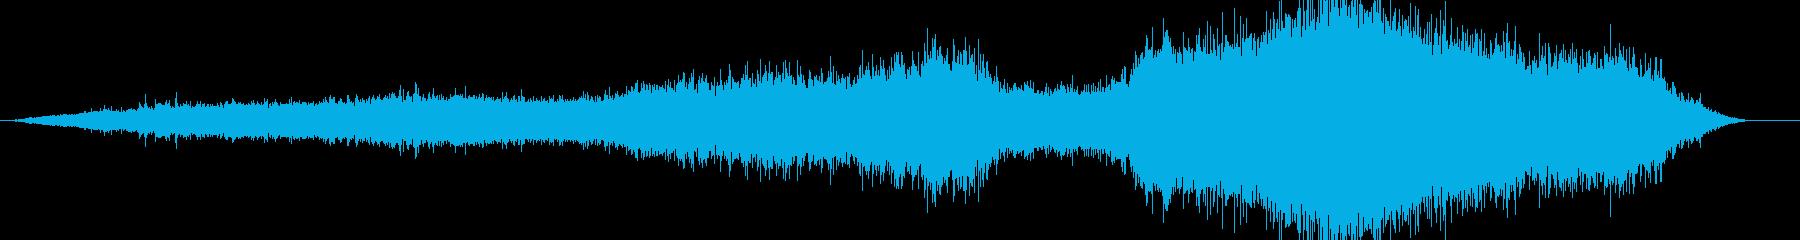 電車の走行音 電車内 バイノーラル録音の再生済みの波形